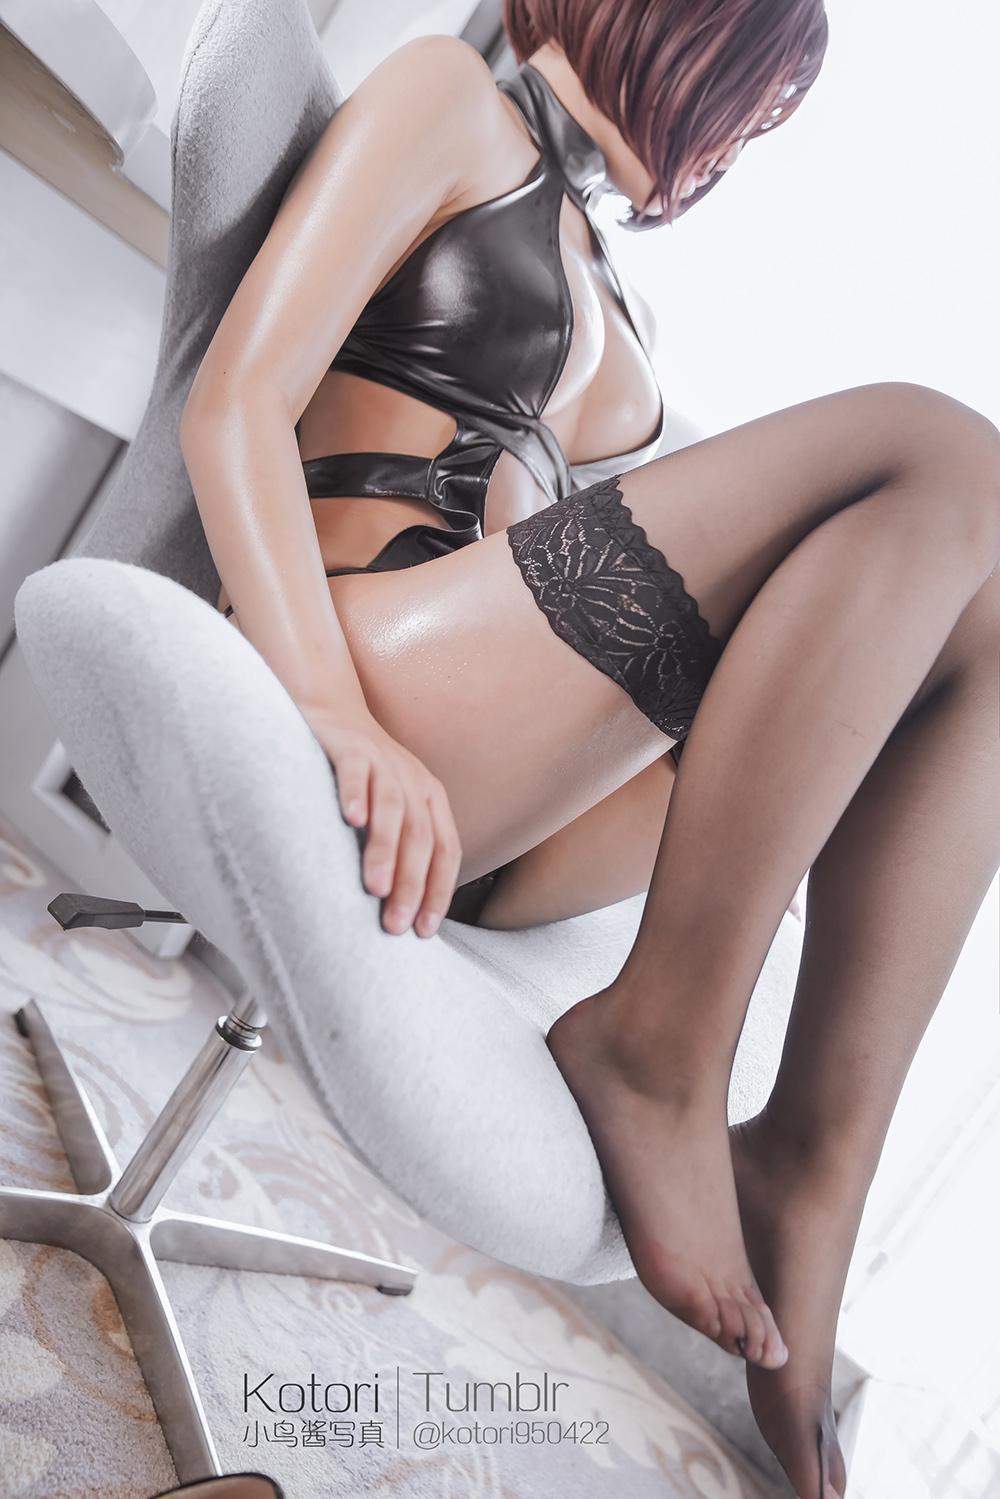 n7KZck - Cosplay girl PR社 福利姬 小鸟酱系列–黑色束缚衣